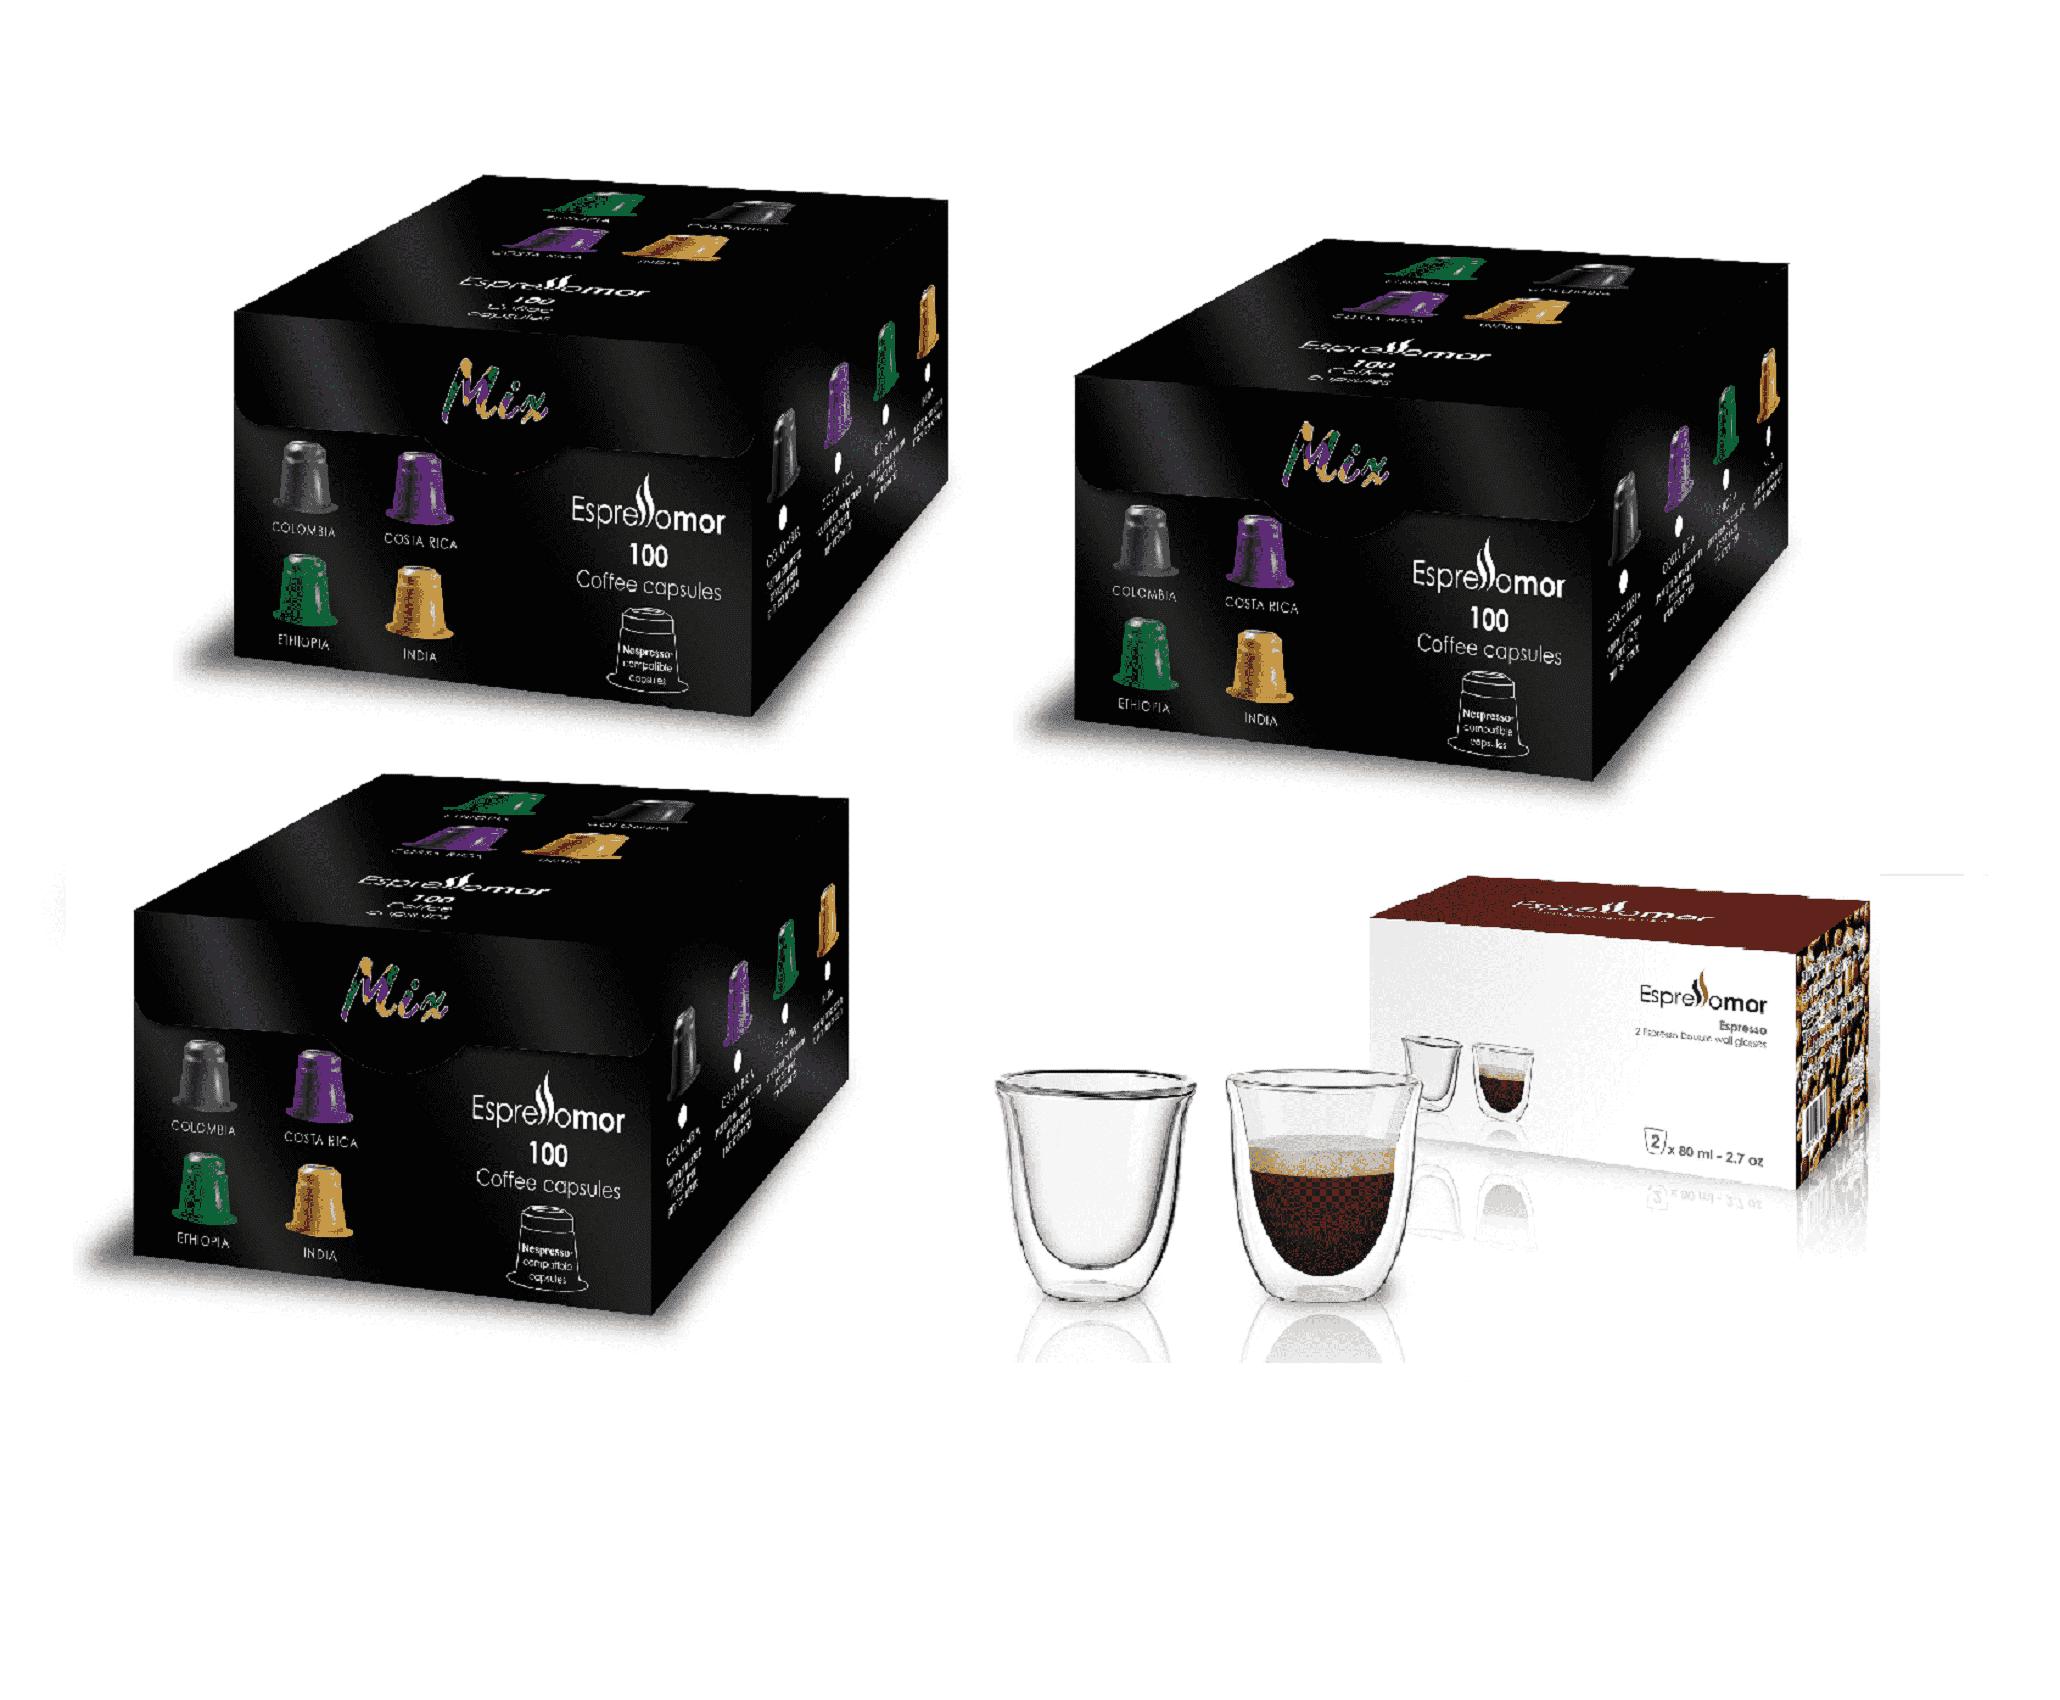 300 קפסולות למכונות Nespresso + זוג כוסות זכוכית דופן כפולה במתנה